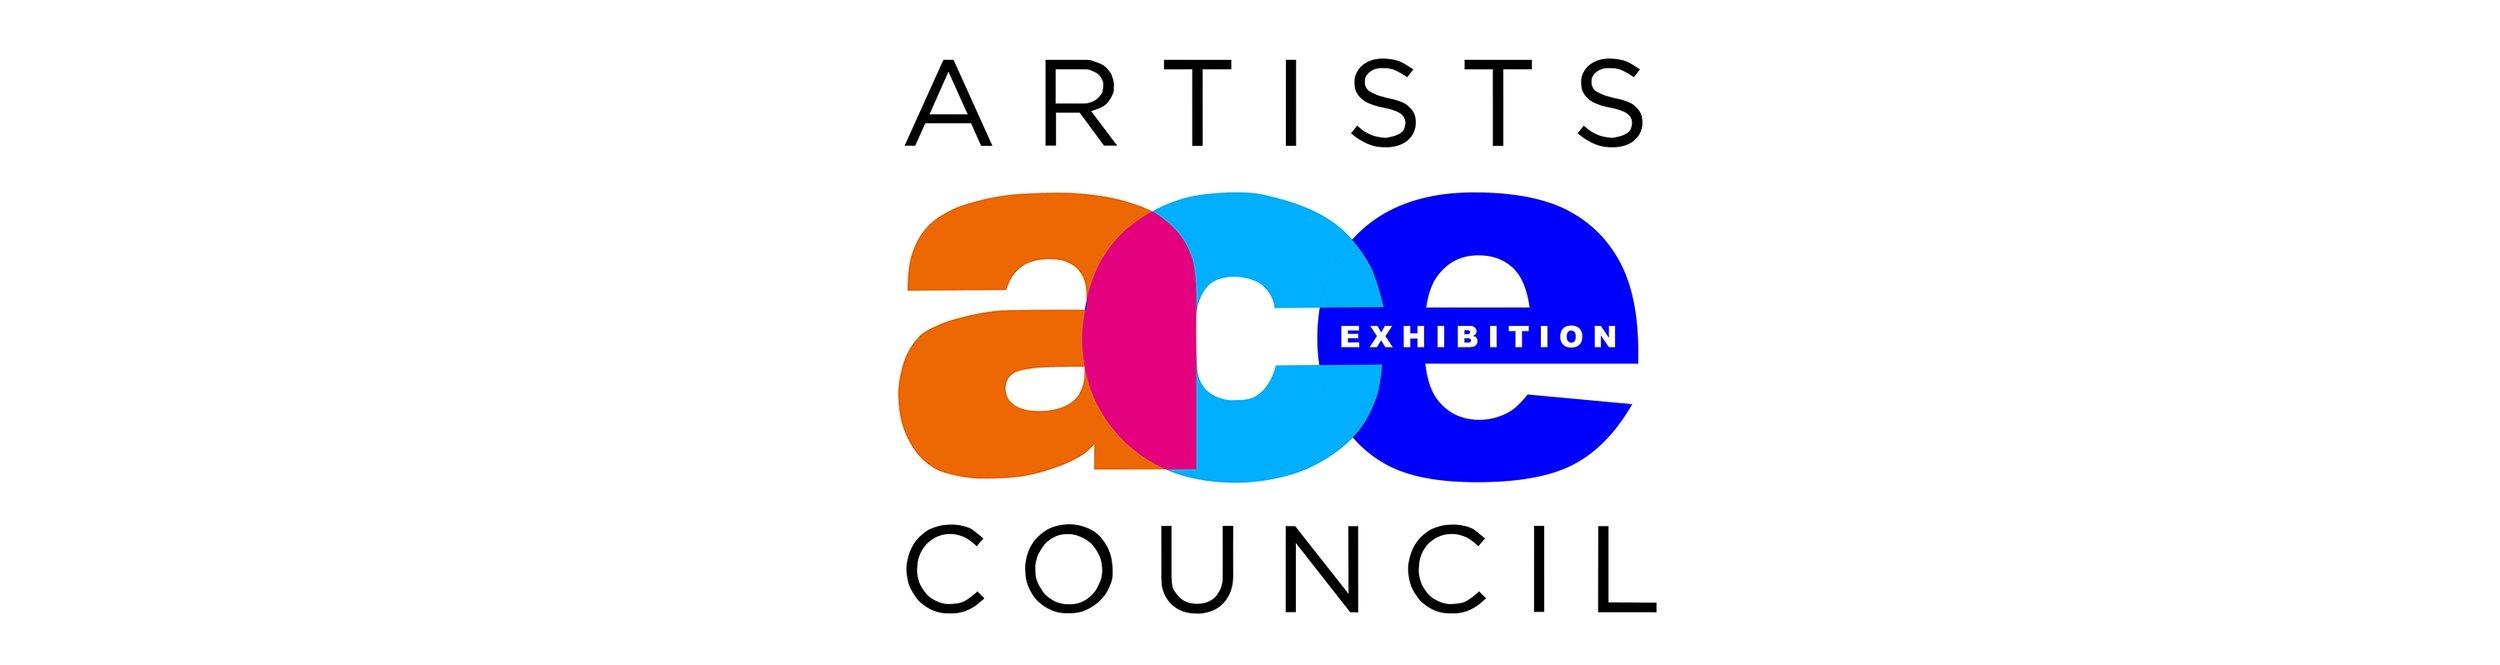 ace_2019_logo_blue_e.25_banner.jpg